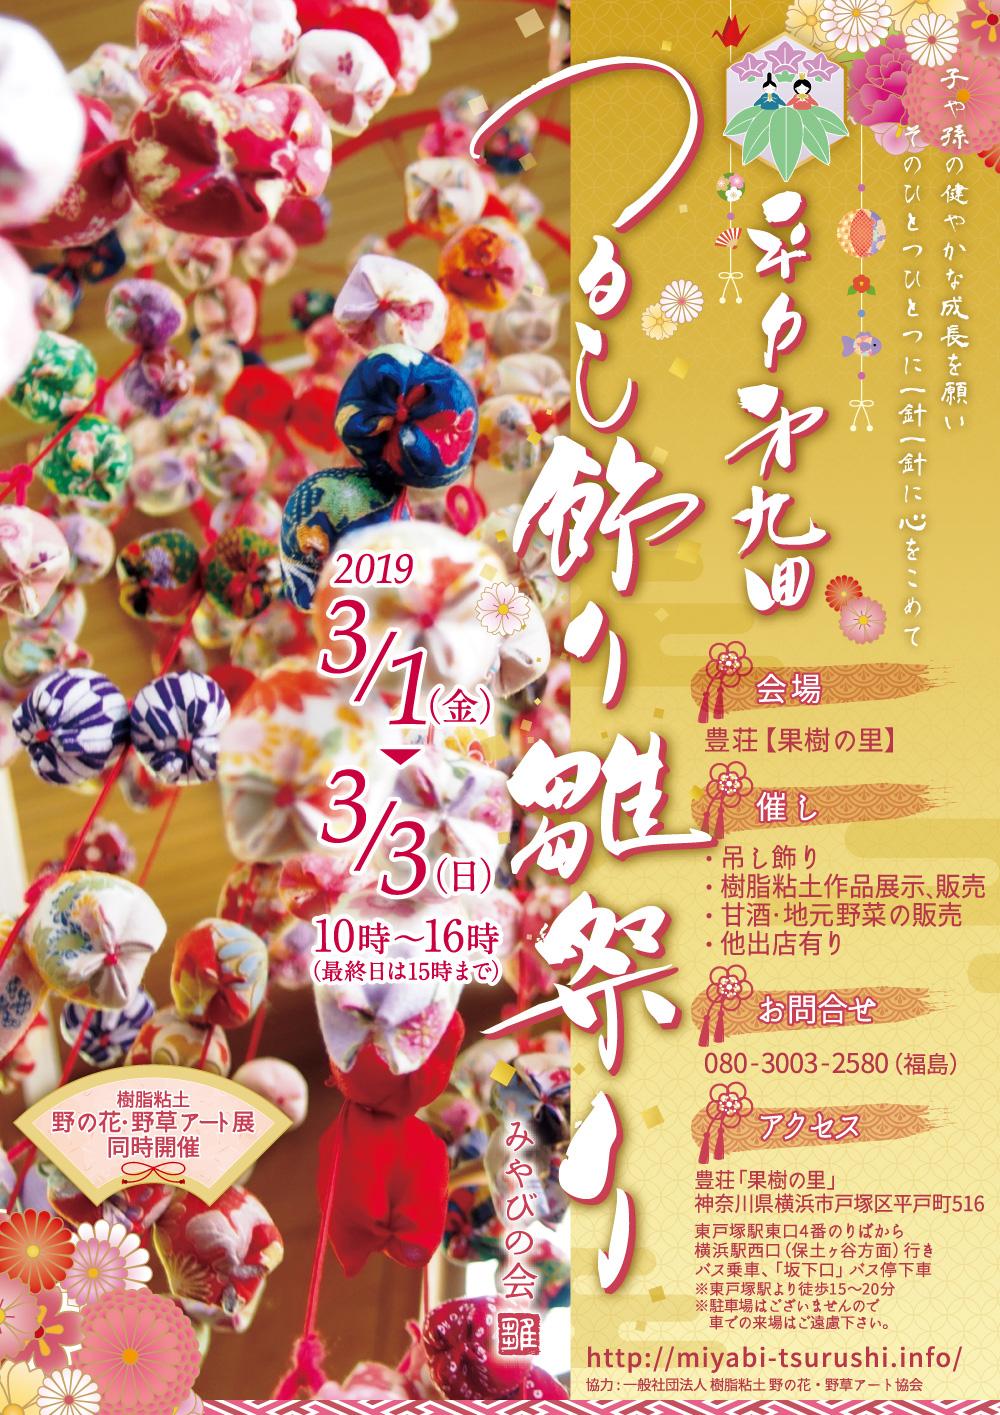 第9回 平戸吊るし飾り雛祭り(同時開催:樹脂粘土 野の花・野草アート展)